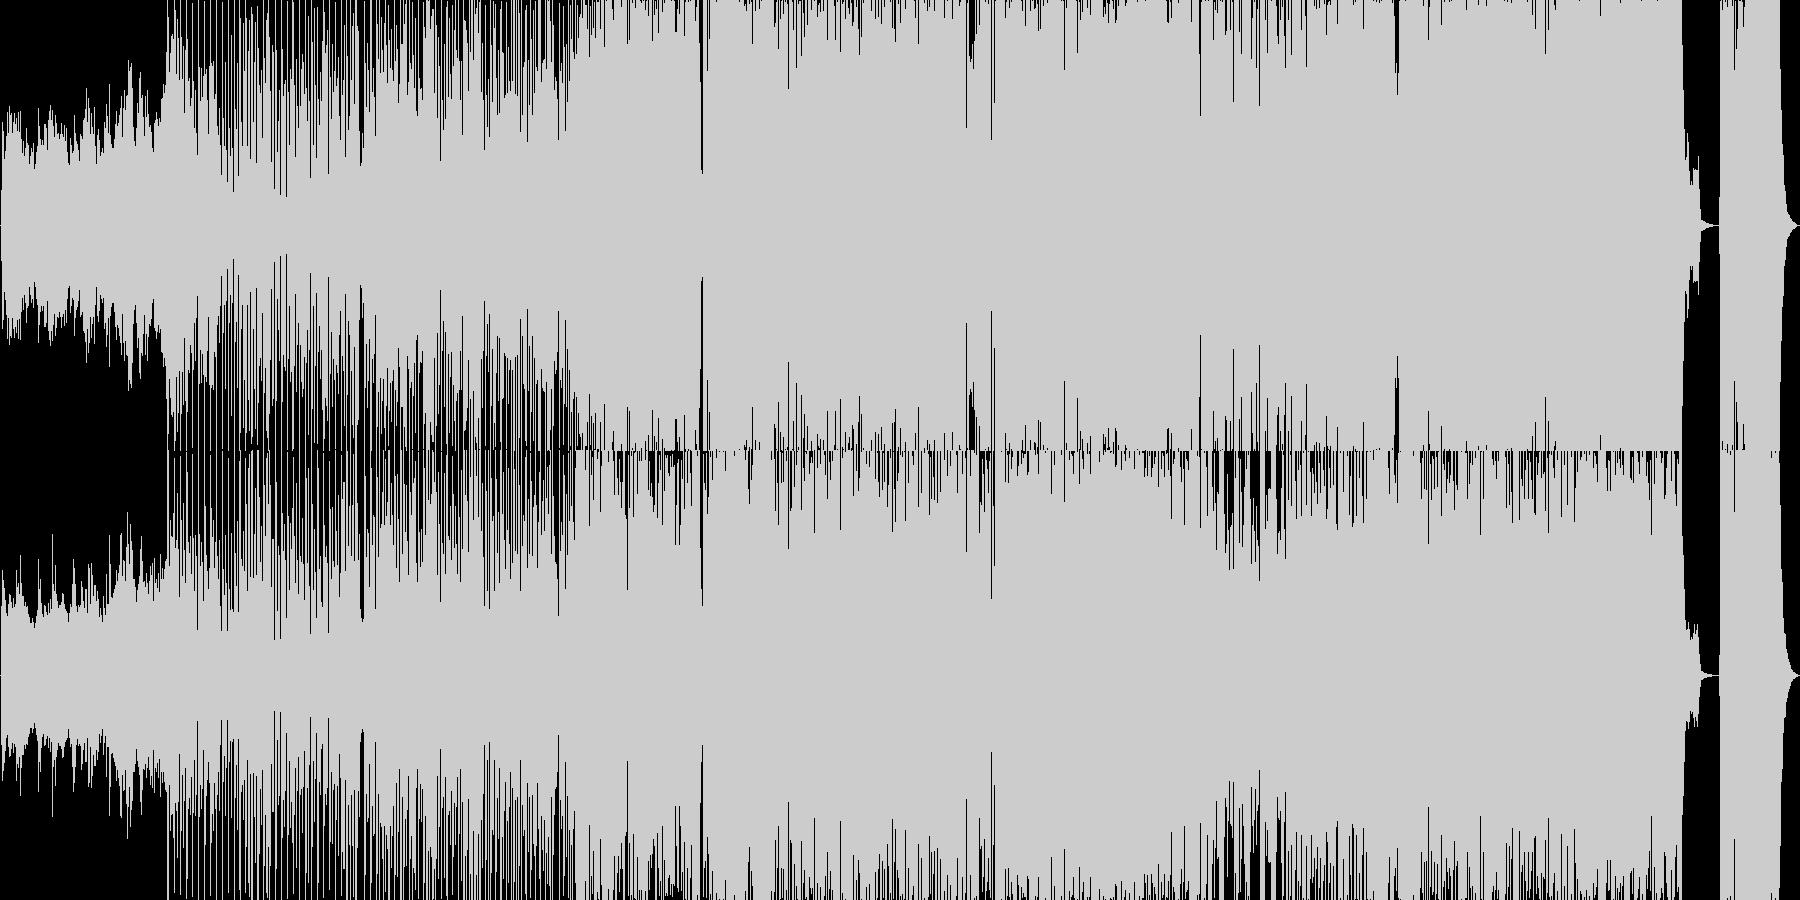 古風でラグタイム風の愉快な居酒屋風BGMの未再生の波形